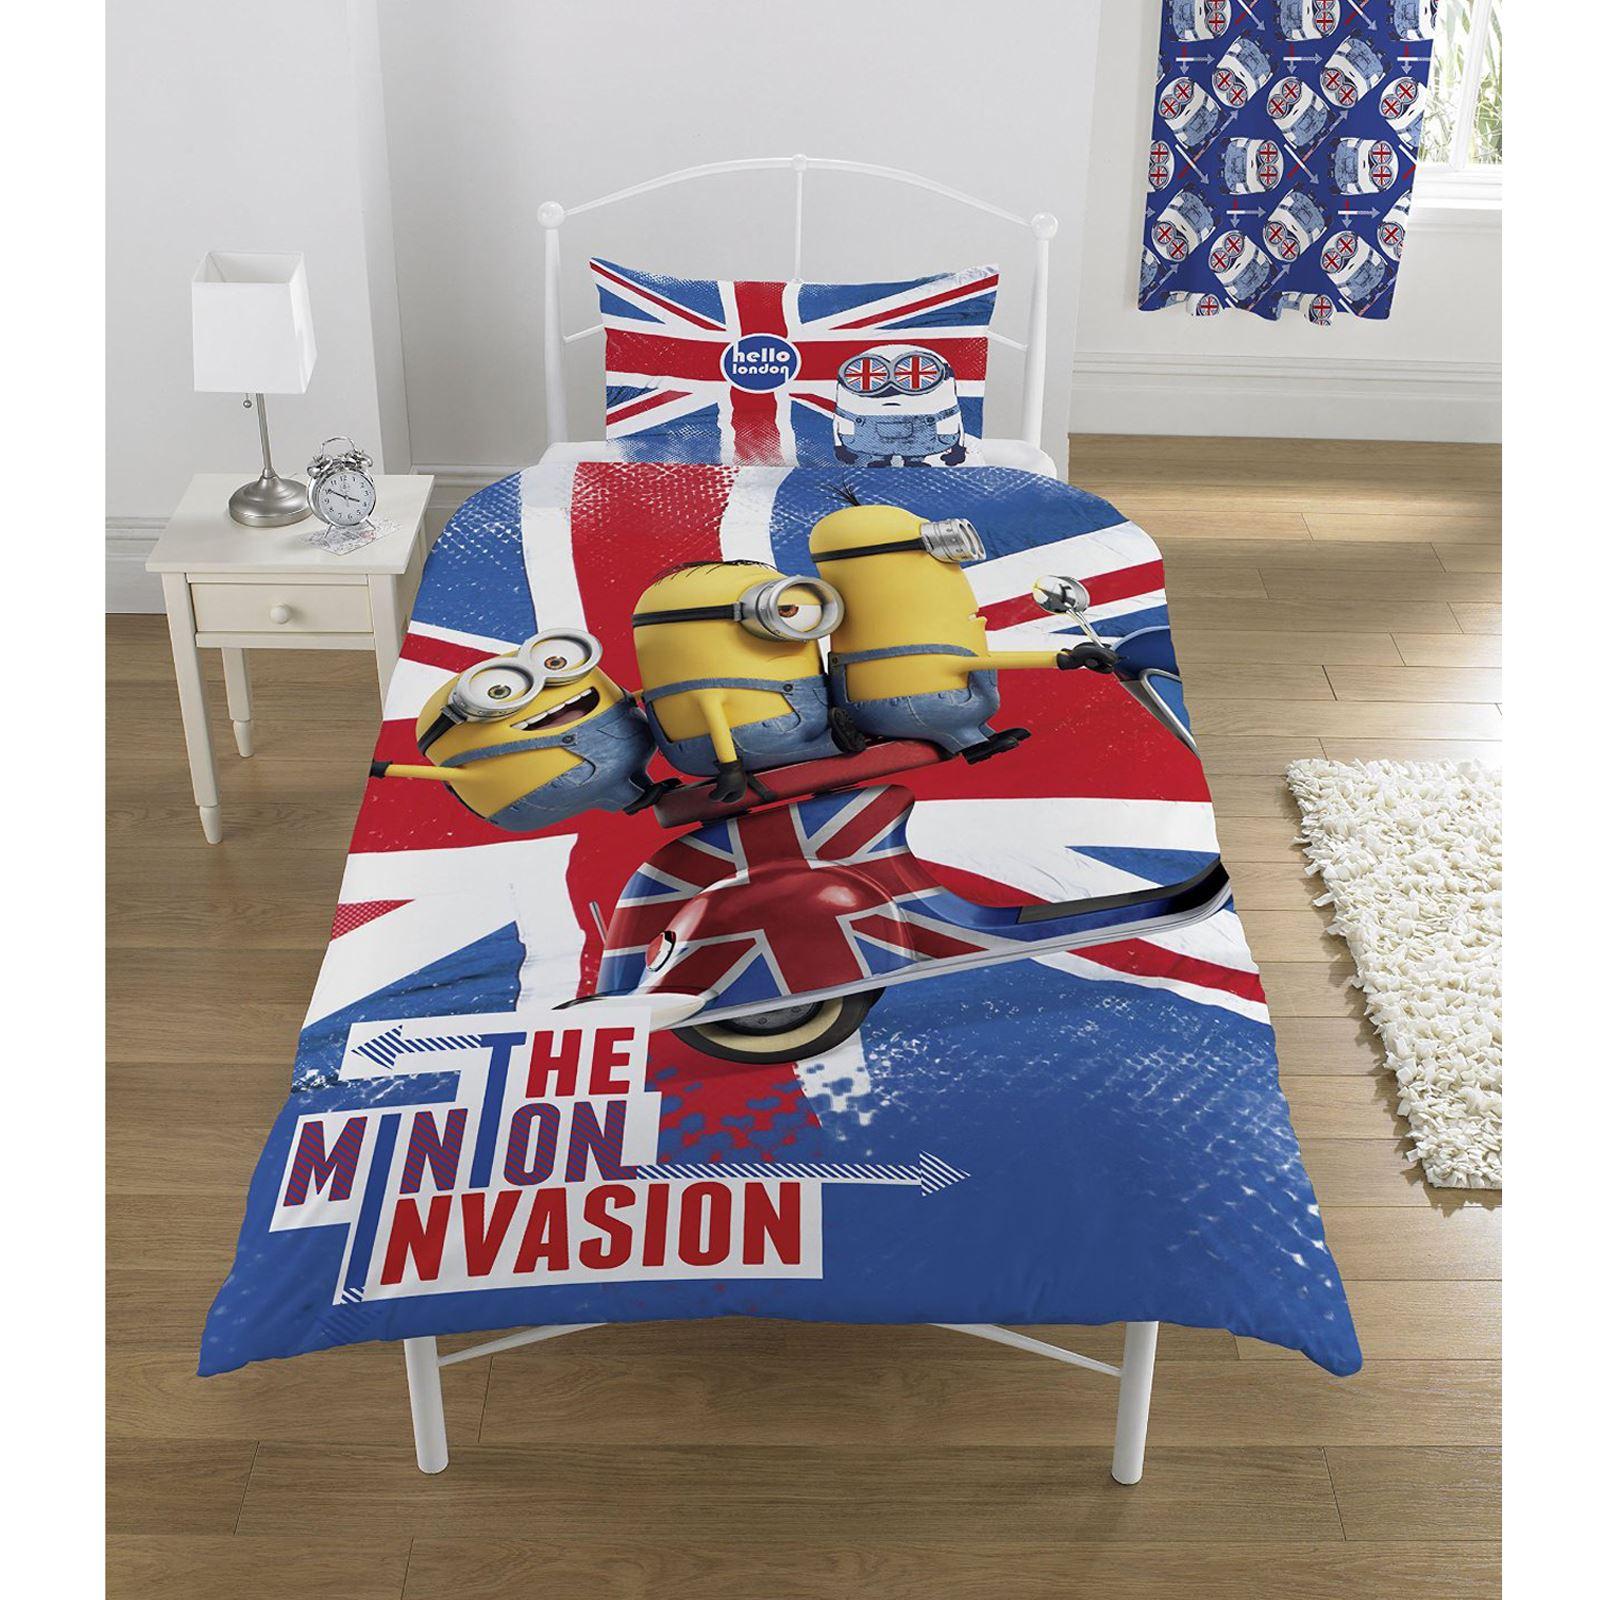 despicable me minions invasion union jack duvet cover set